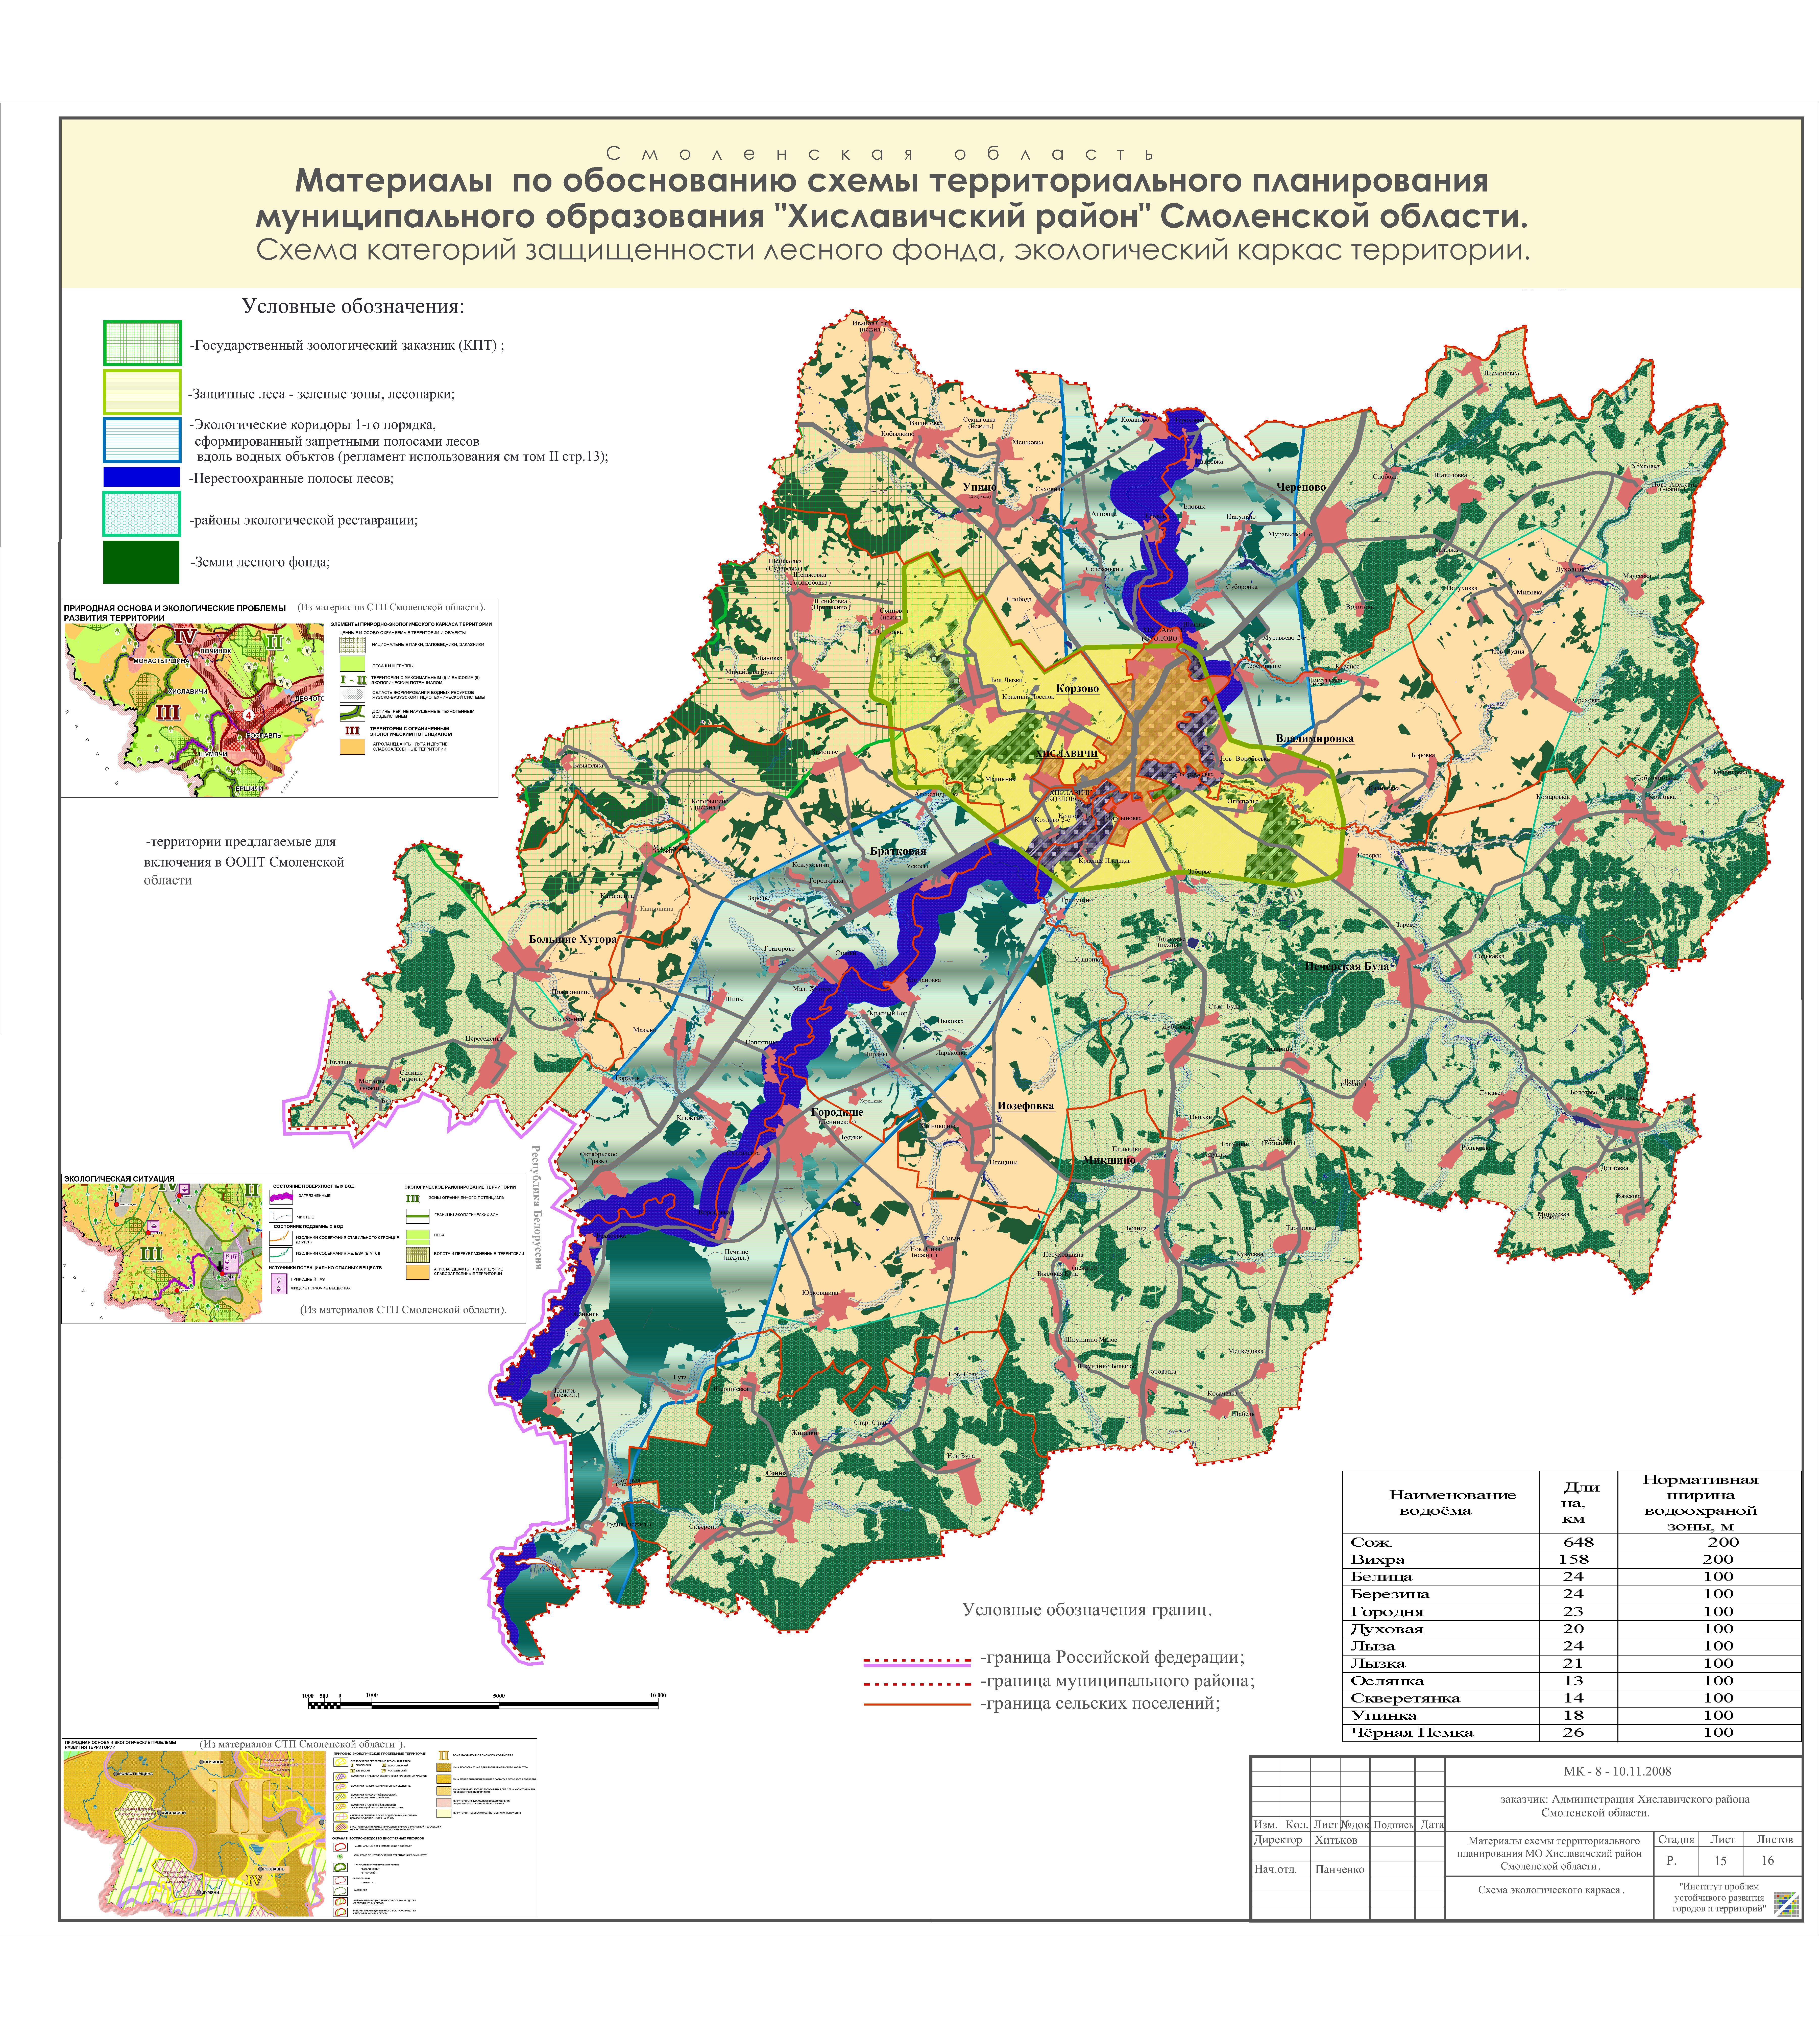 Схема территориального планирования муниципального образования фото 121